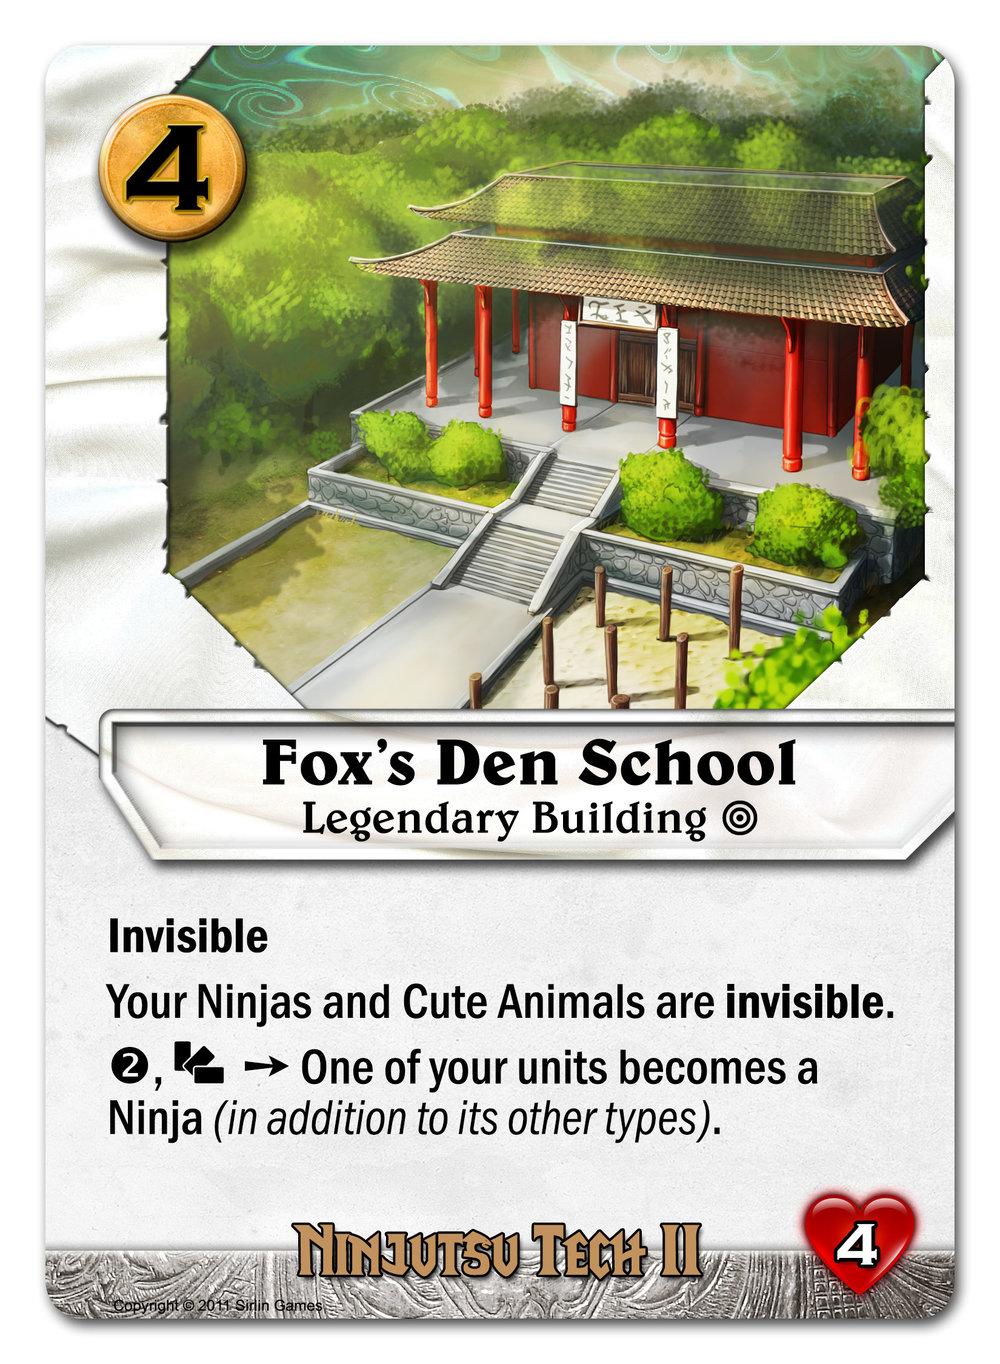 0037_foxs den school.jpg